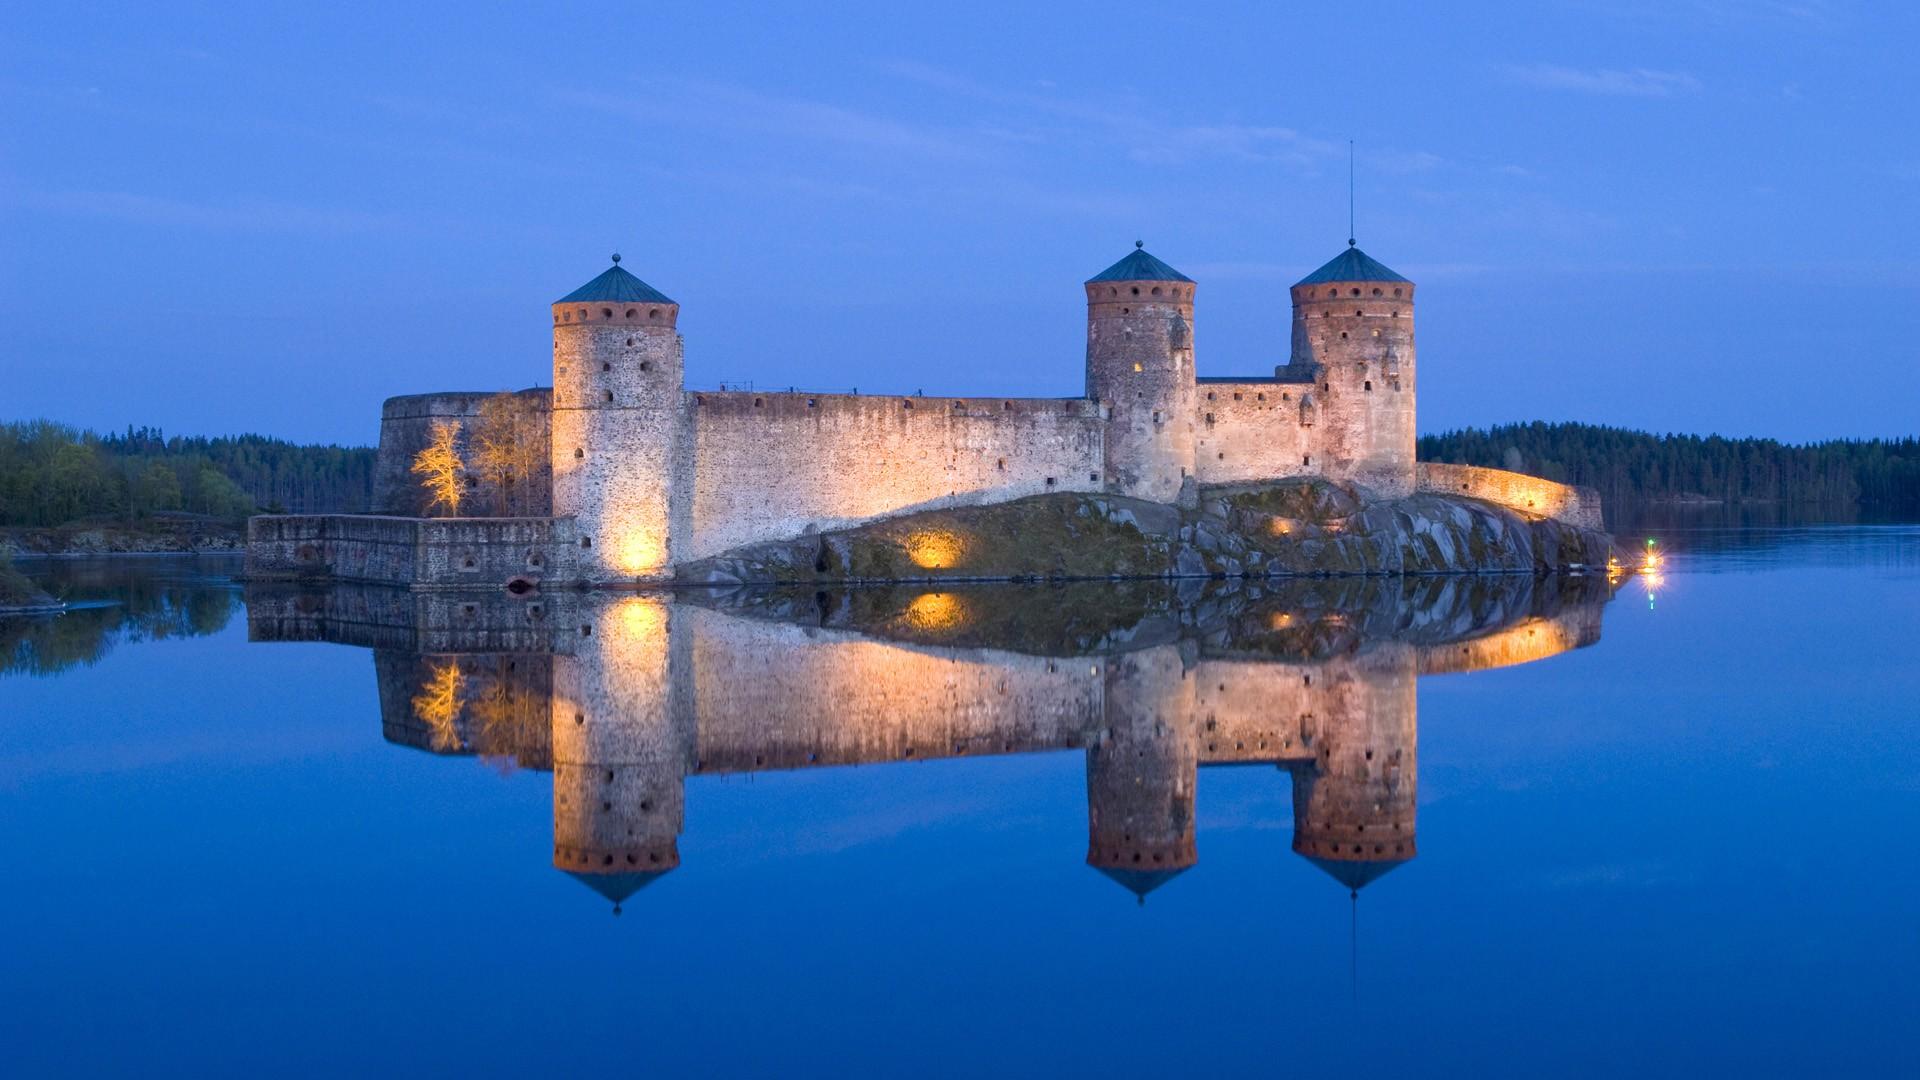 finland-castle_00426694